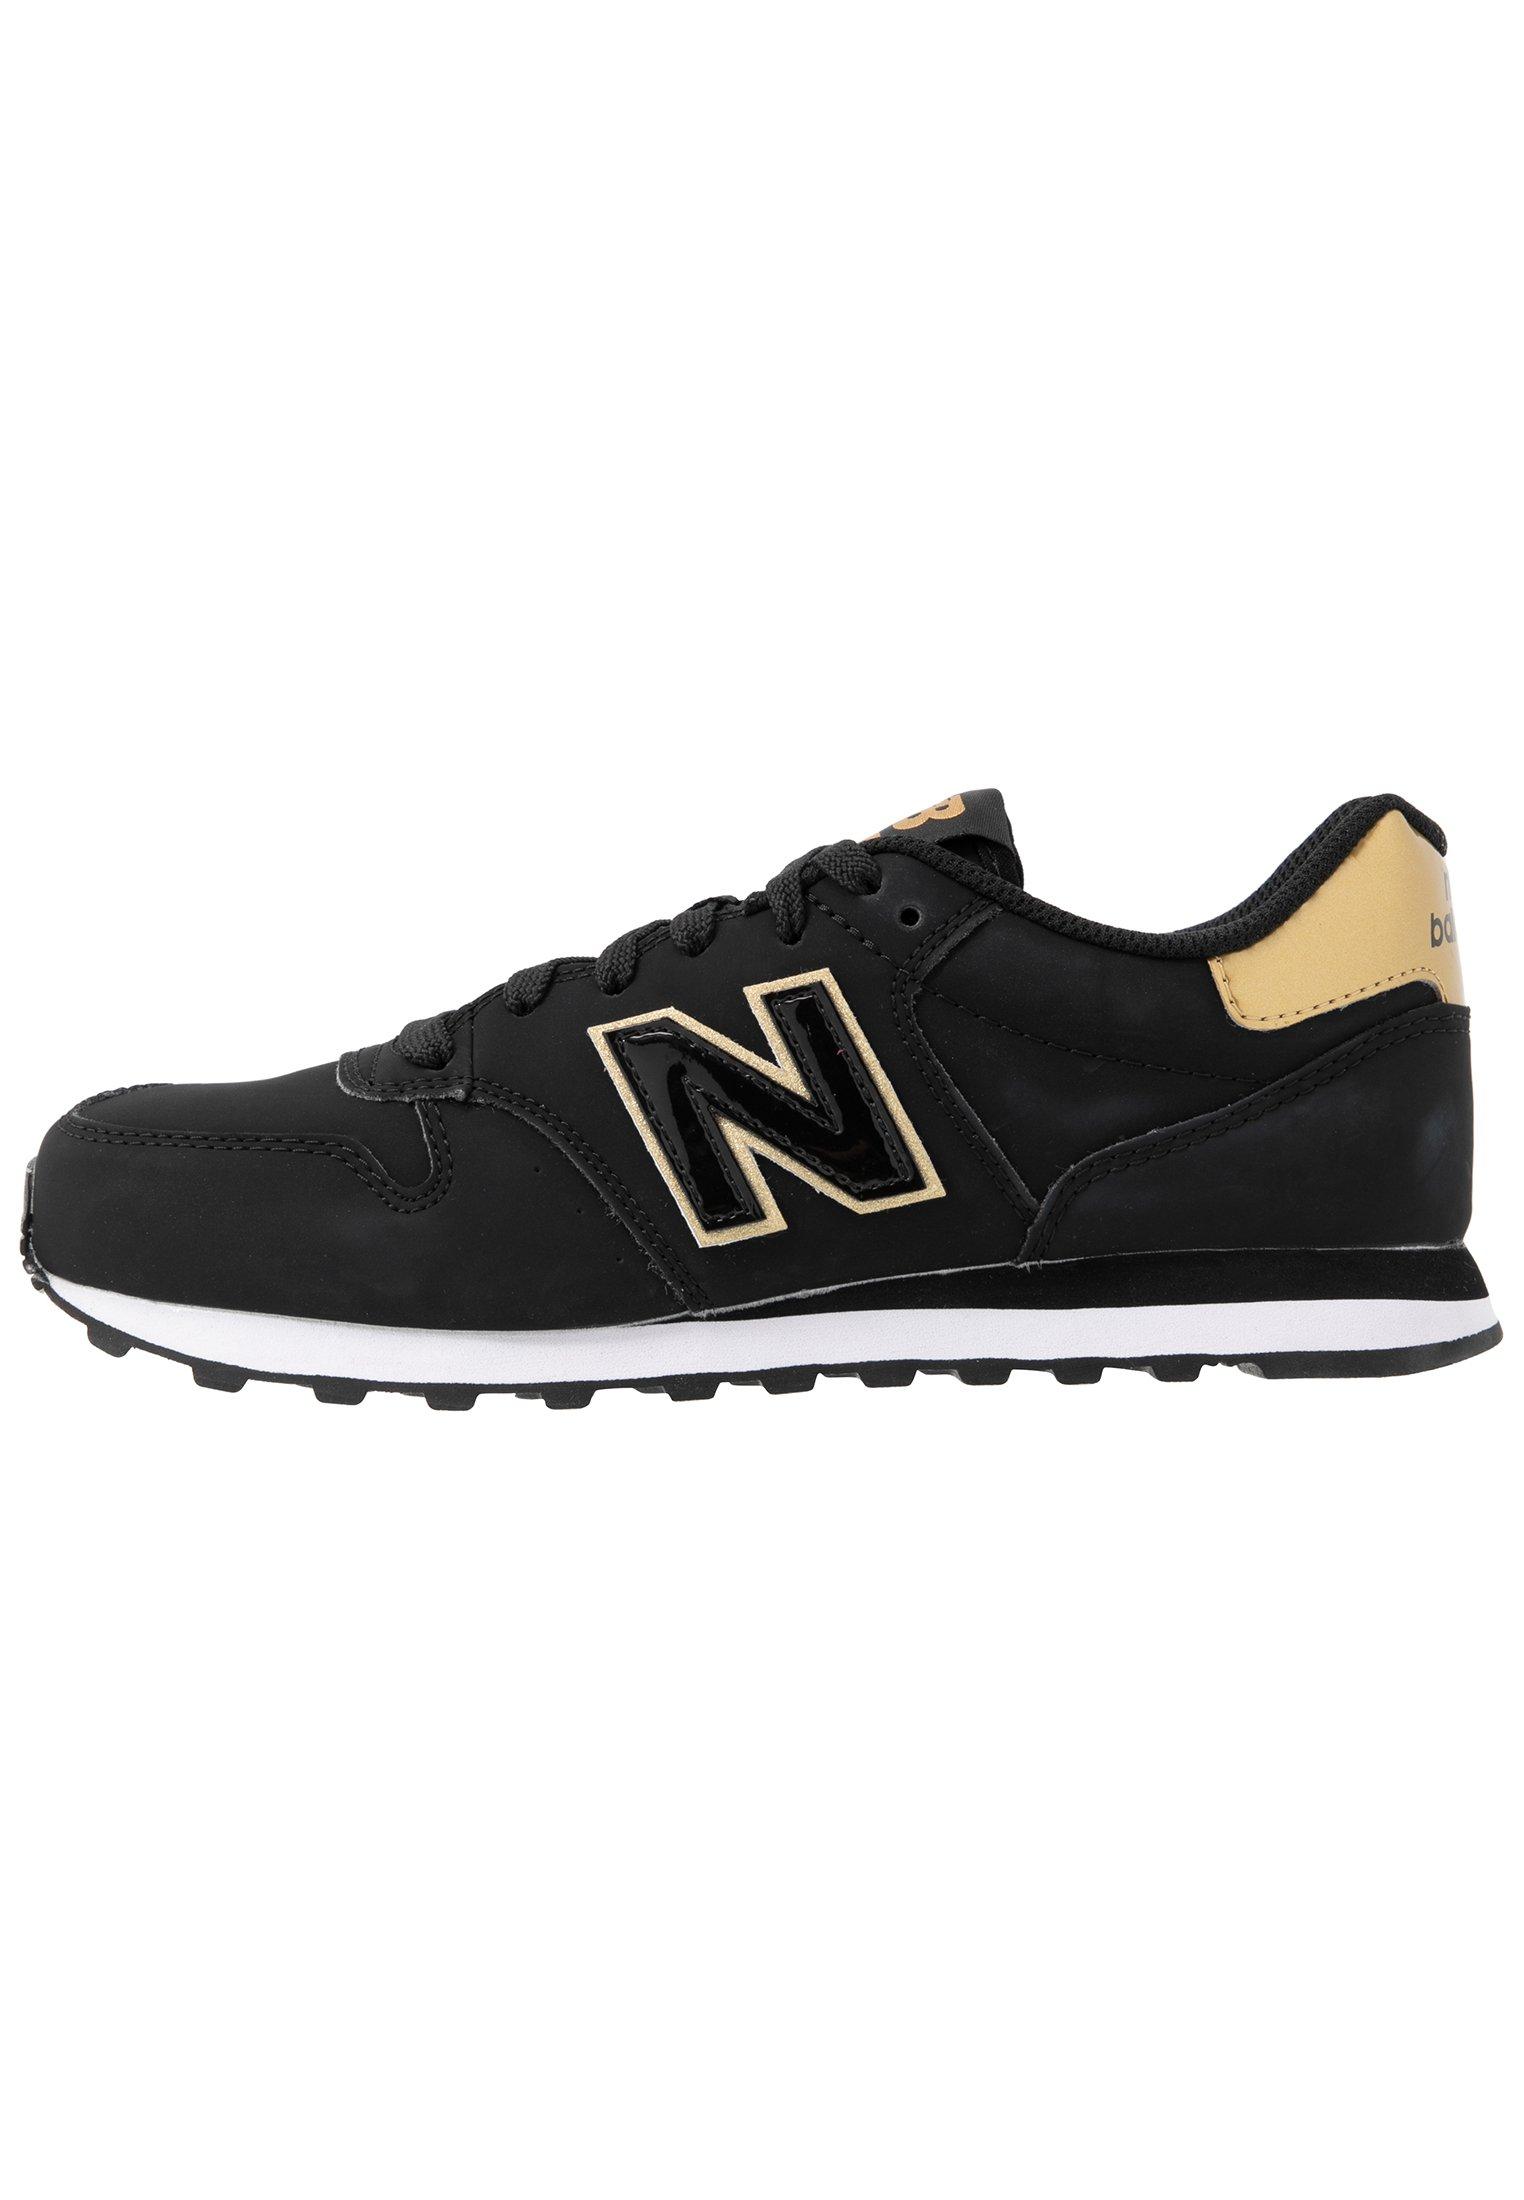 New Balance 500 - Sneakers laag - navy - Zalando.nl